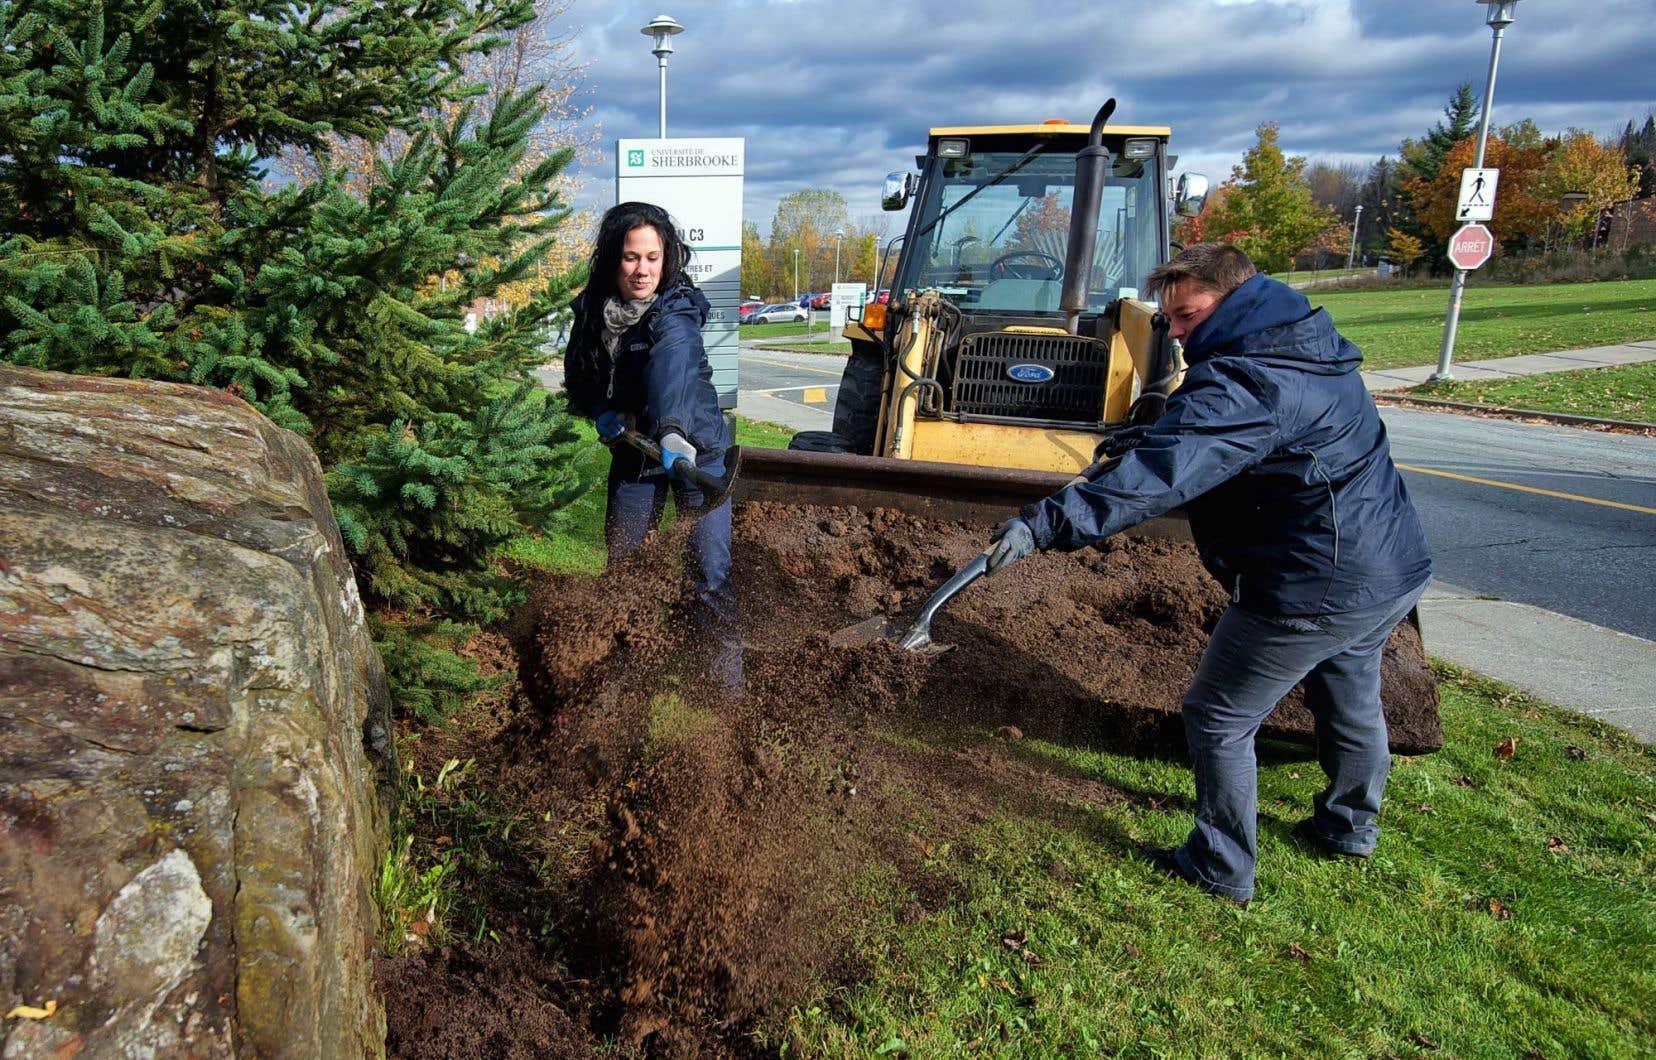 Le compost réalisé grâce aux déchets récupérés sur le campus de l'Université de Sherbrooke sert ensuite à l'entretien des terrains.